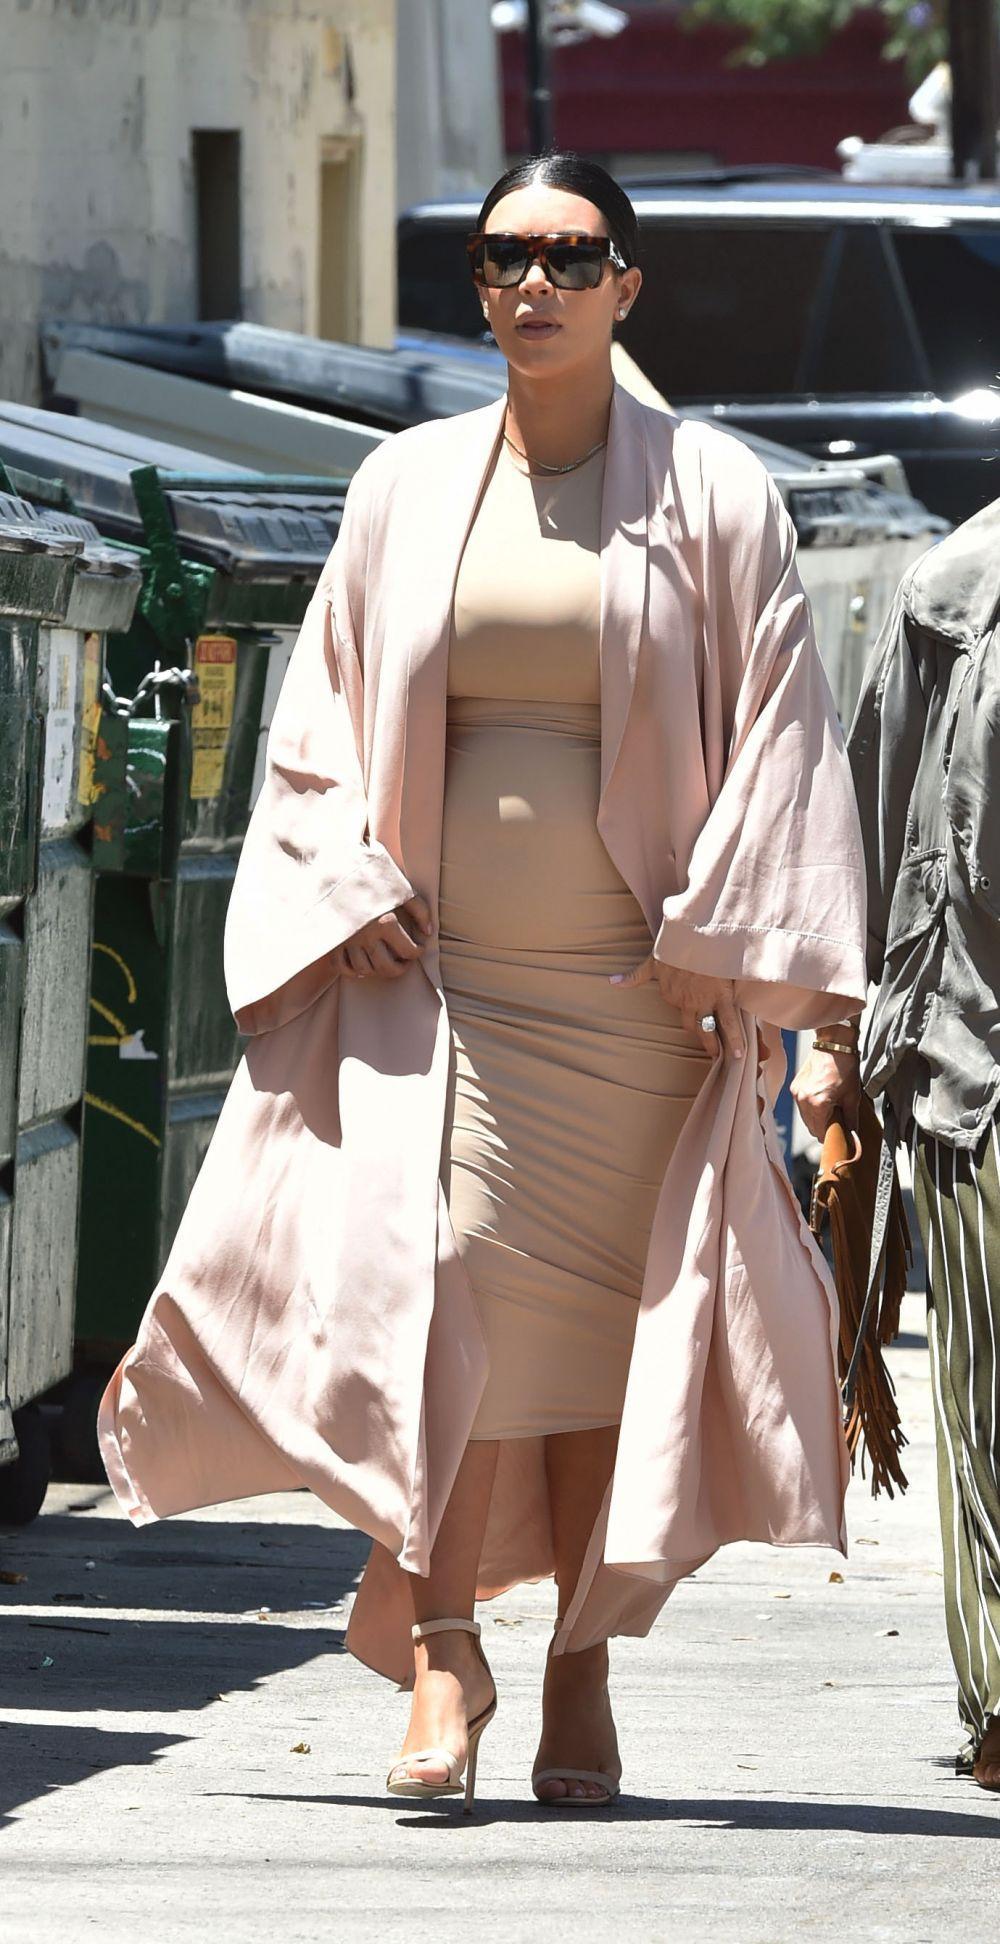 cea-mai-ispititoare-gravida-kim-kardashian-aparitie-chic-intr-o-rochie-mulata-care-i-a-scos-in-evidenta_2 (1)